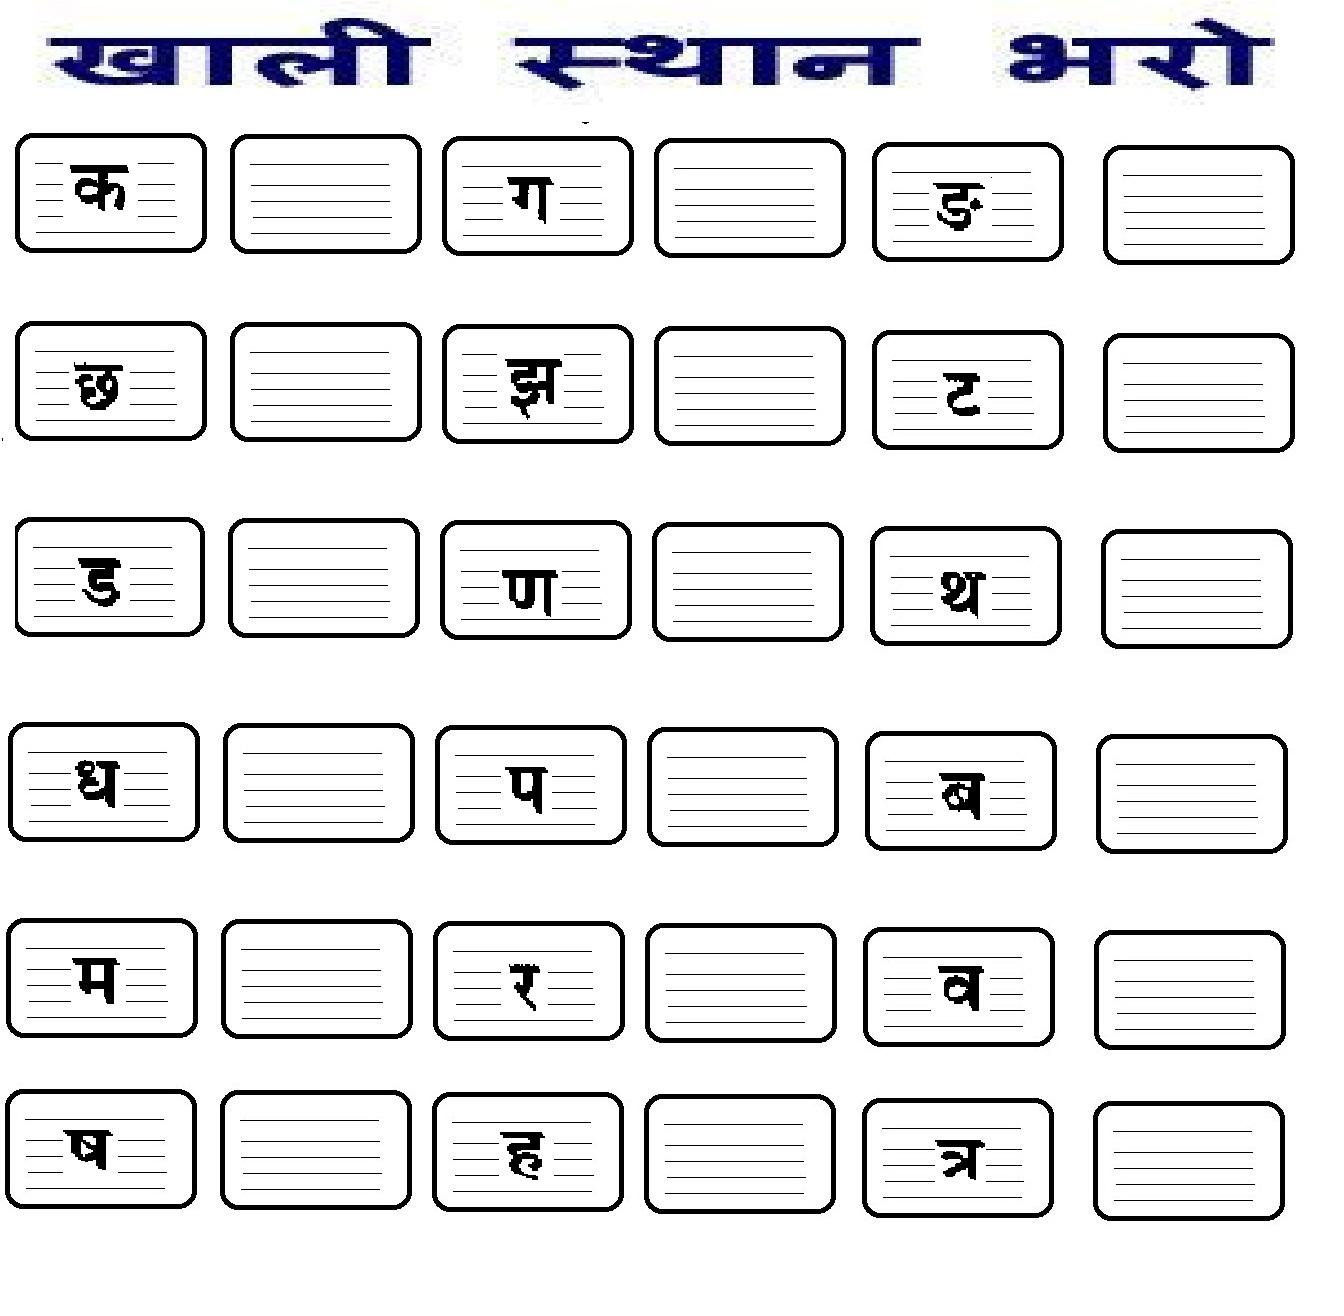 Worksheet  Hindi Worksheets For Ukg Kids  Lindacoppens Worksheet